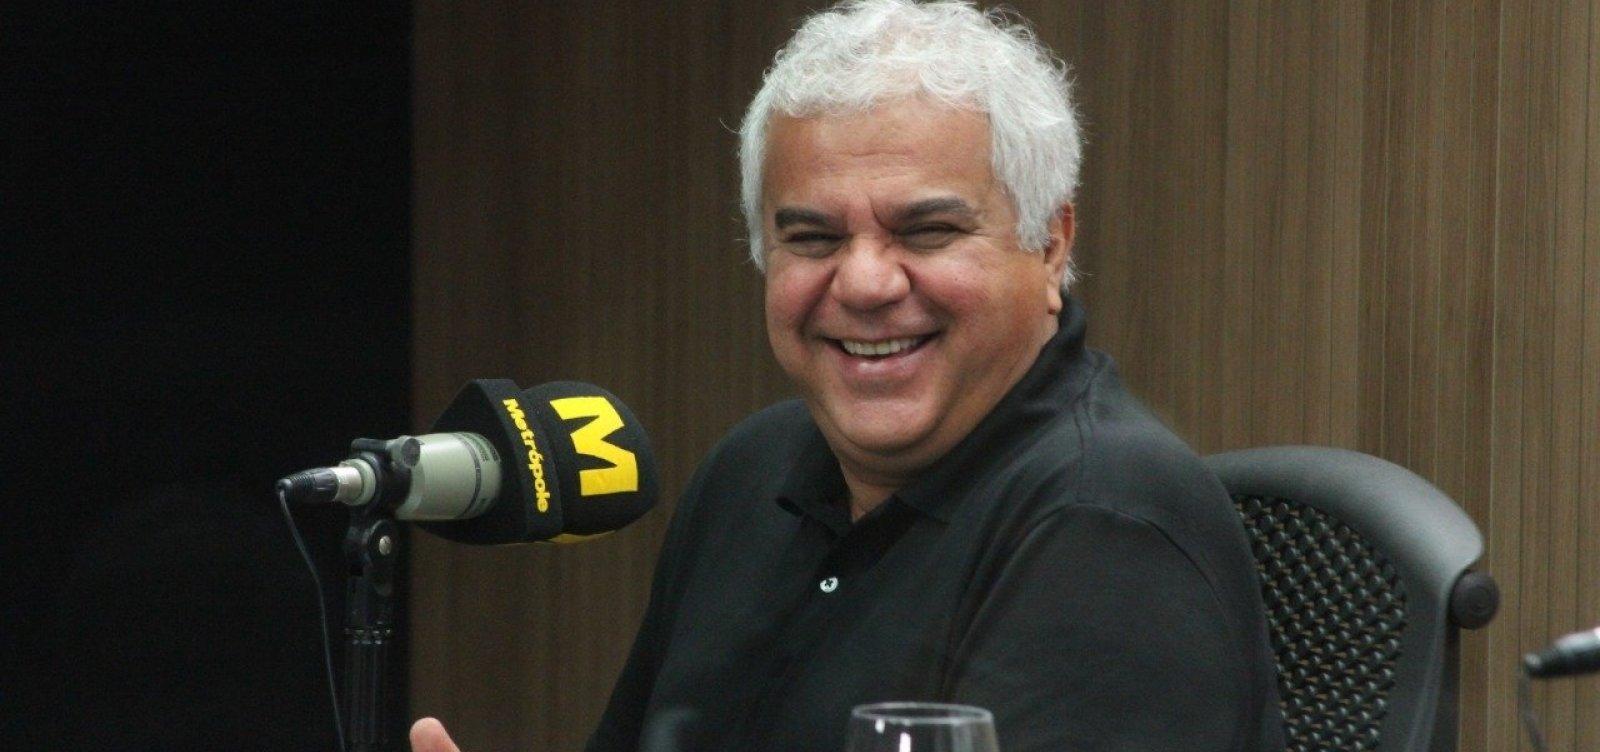 'Fundo do poço' da economia 'não é realidade' em Salvador, diz secretário